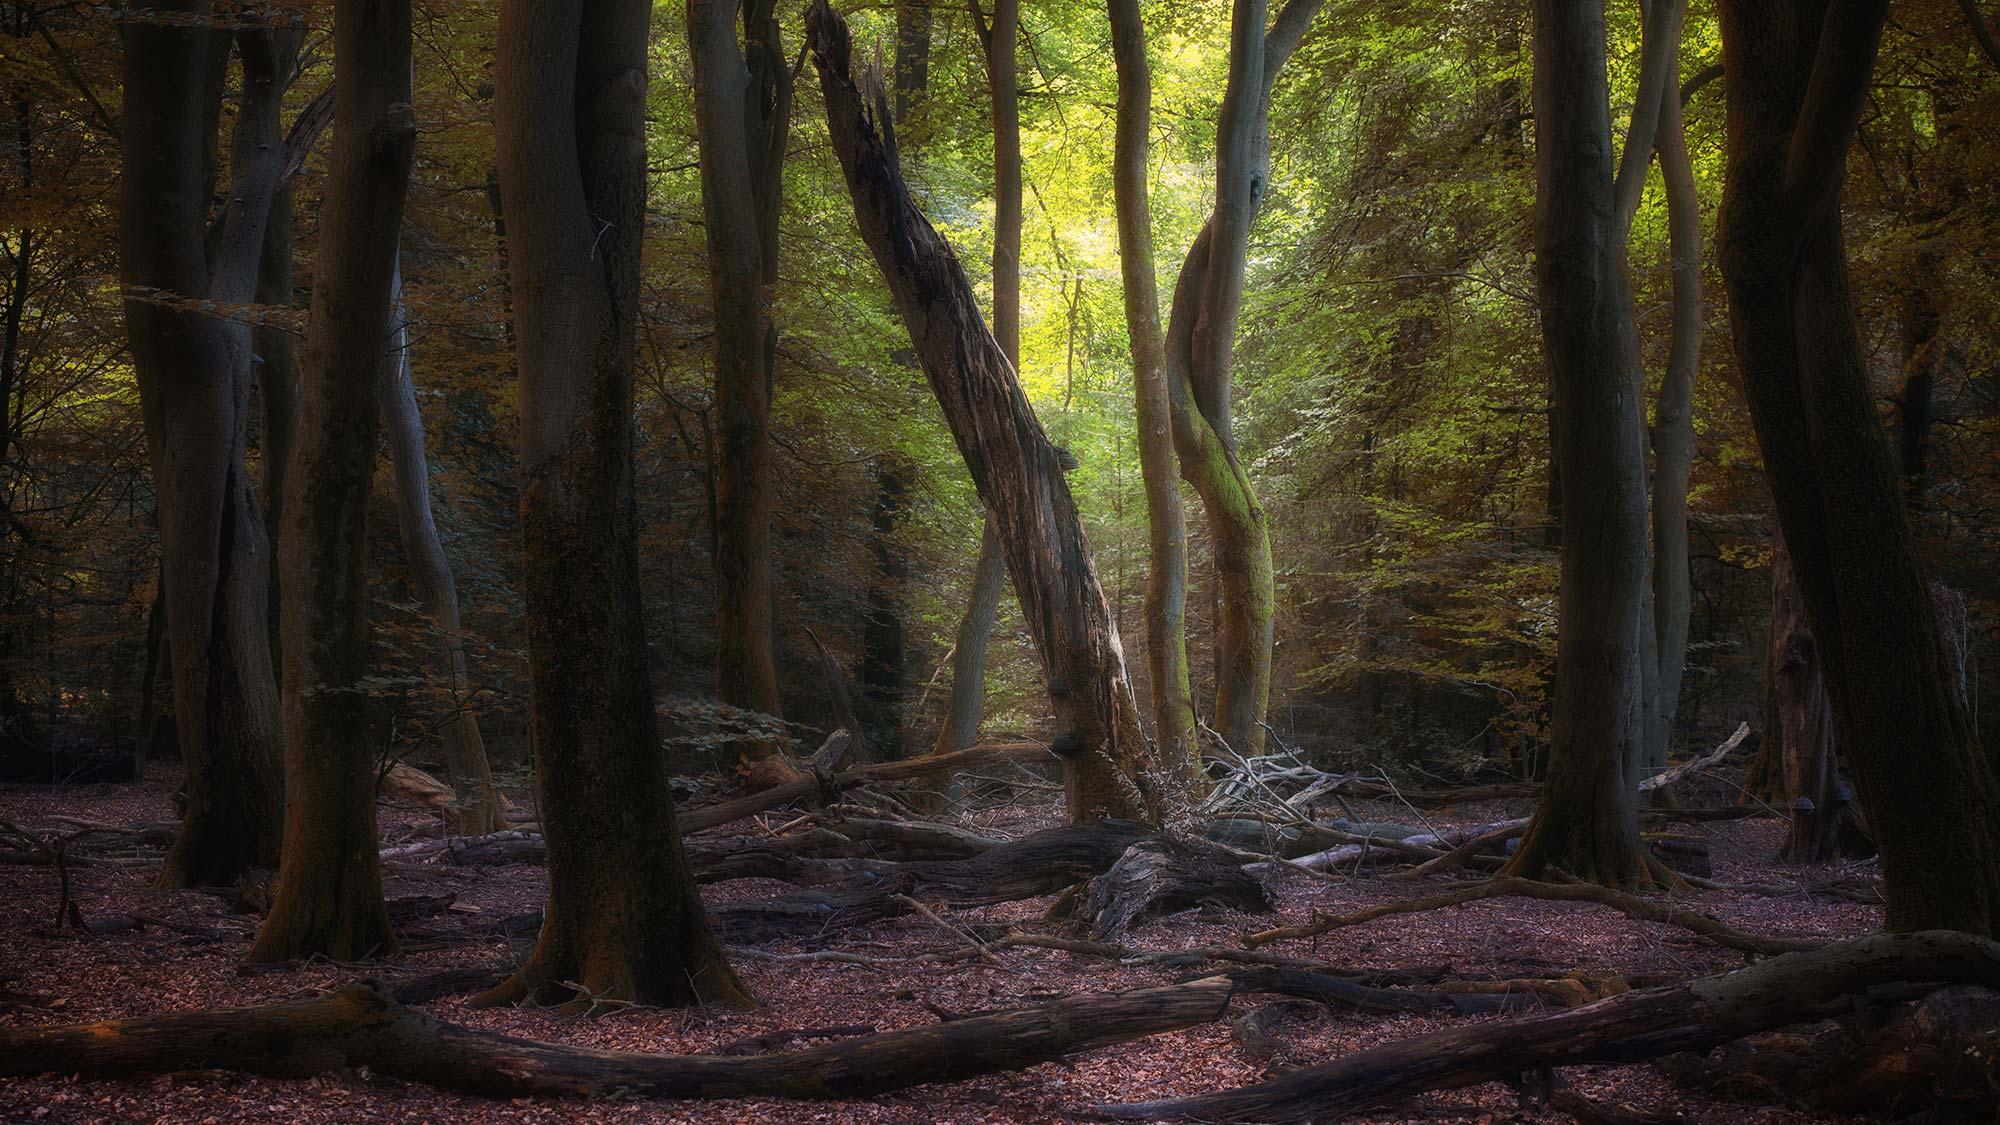 Forest Nathalie Annoye slide 2